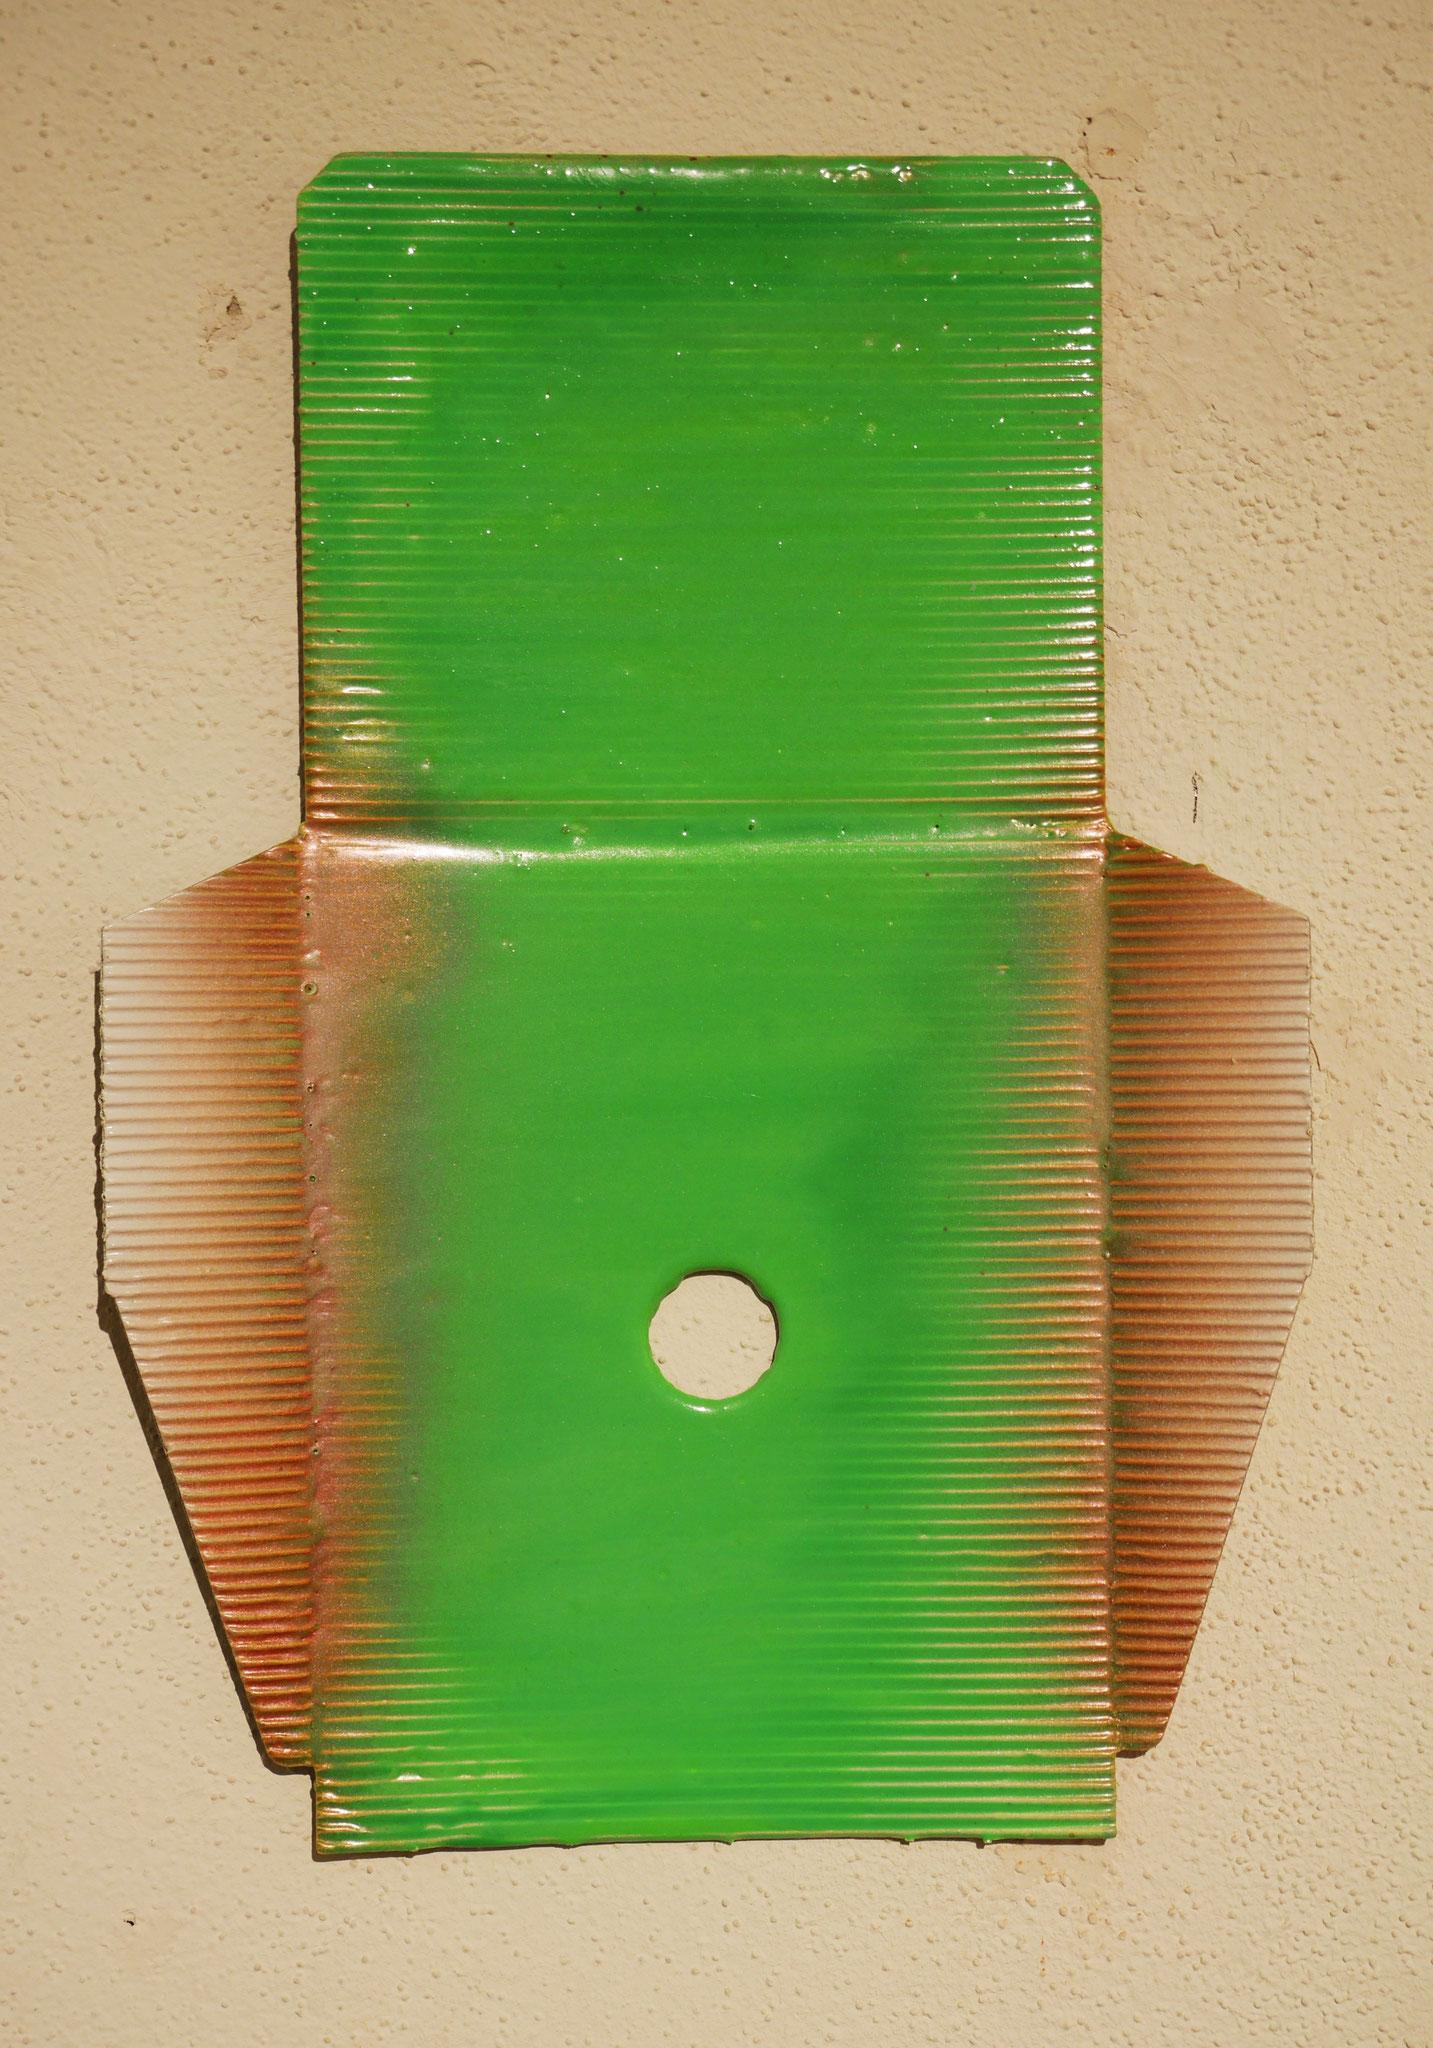 Hoover, 2016, Verpackungskarton und Polyurethan, 31x23cm